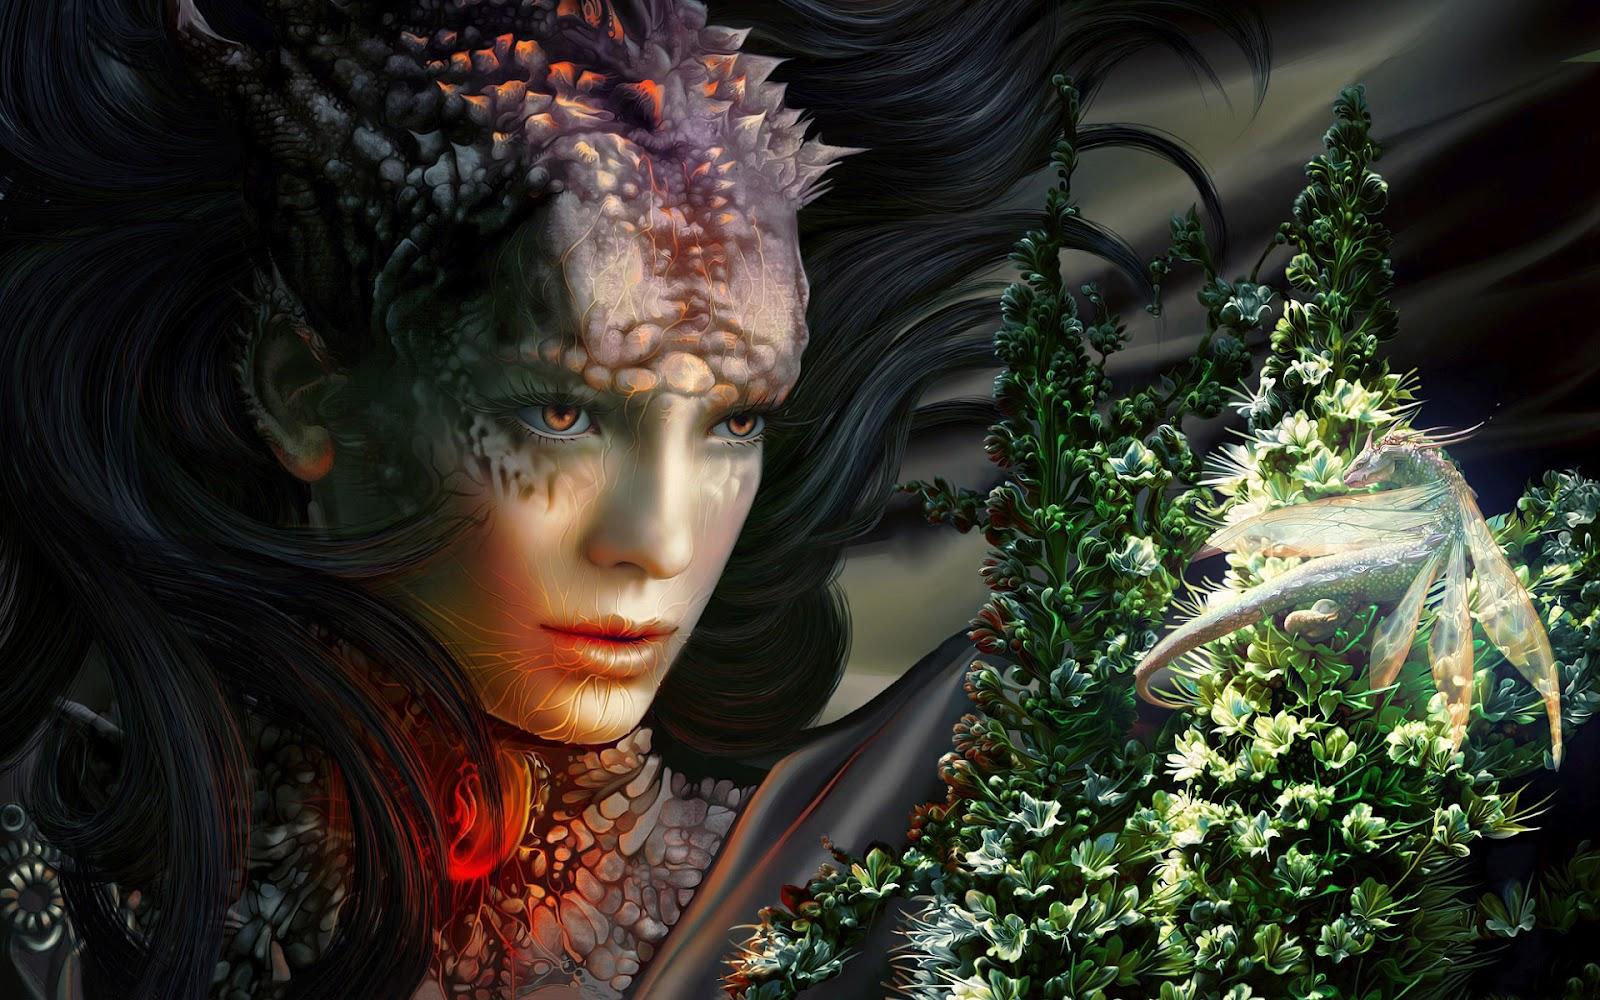 http://4.bp.blogspot.com/-k7cN7bPXXso/T-lhMGaA-AI/AAAAAAAABjg/4tzNeN2qfGU/s1600/3d+Girl+HD+Wallpapers.jpg